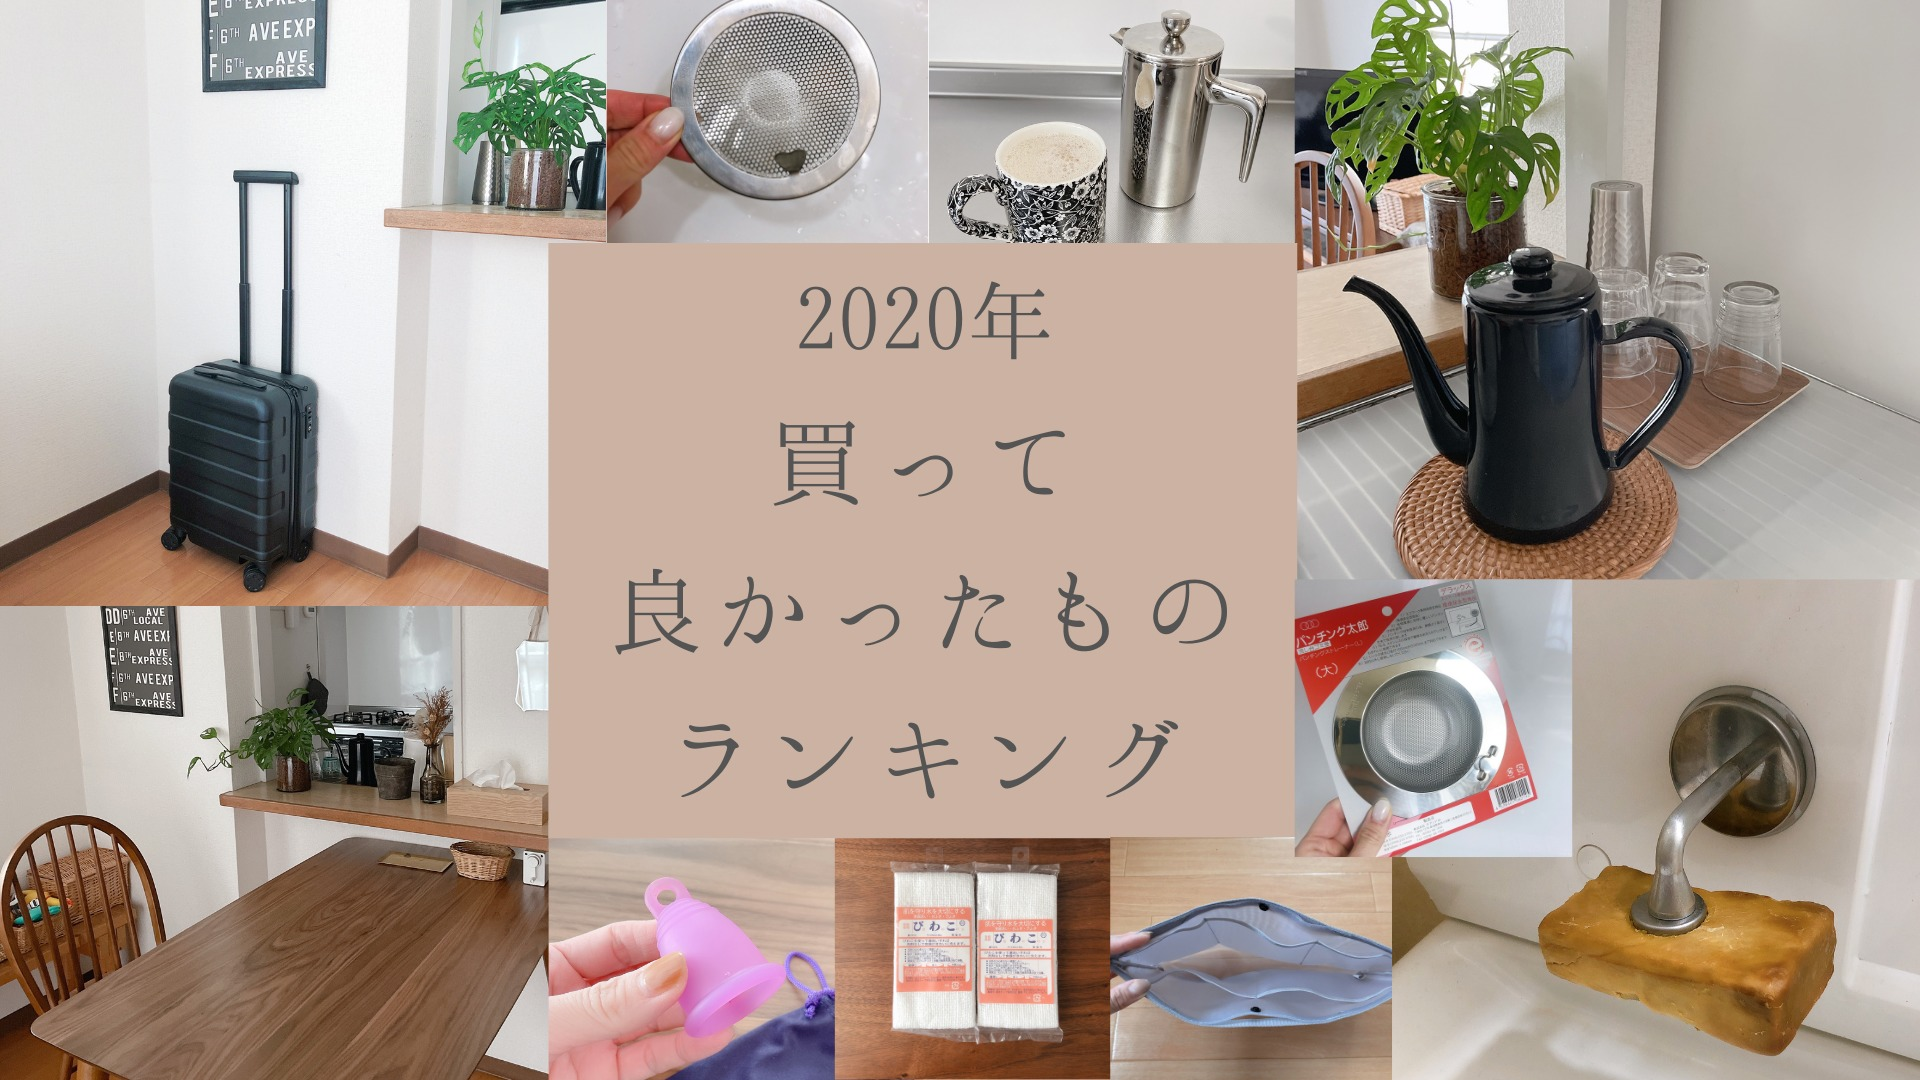 【2020年】買って良かったランキング10選